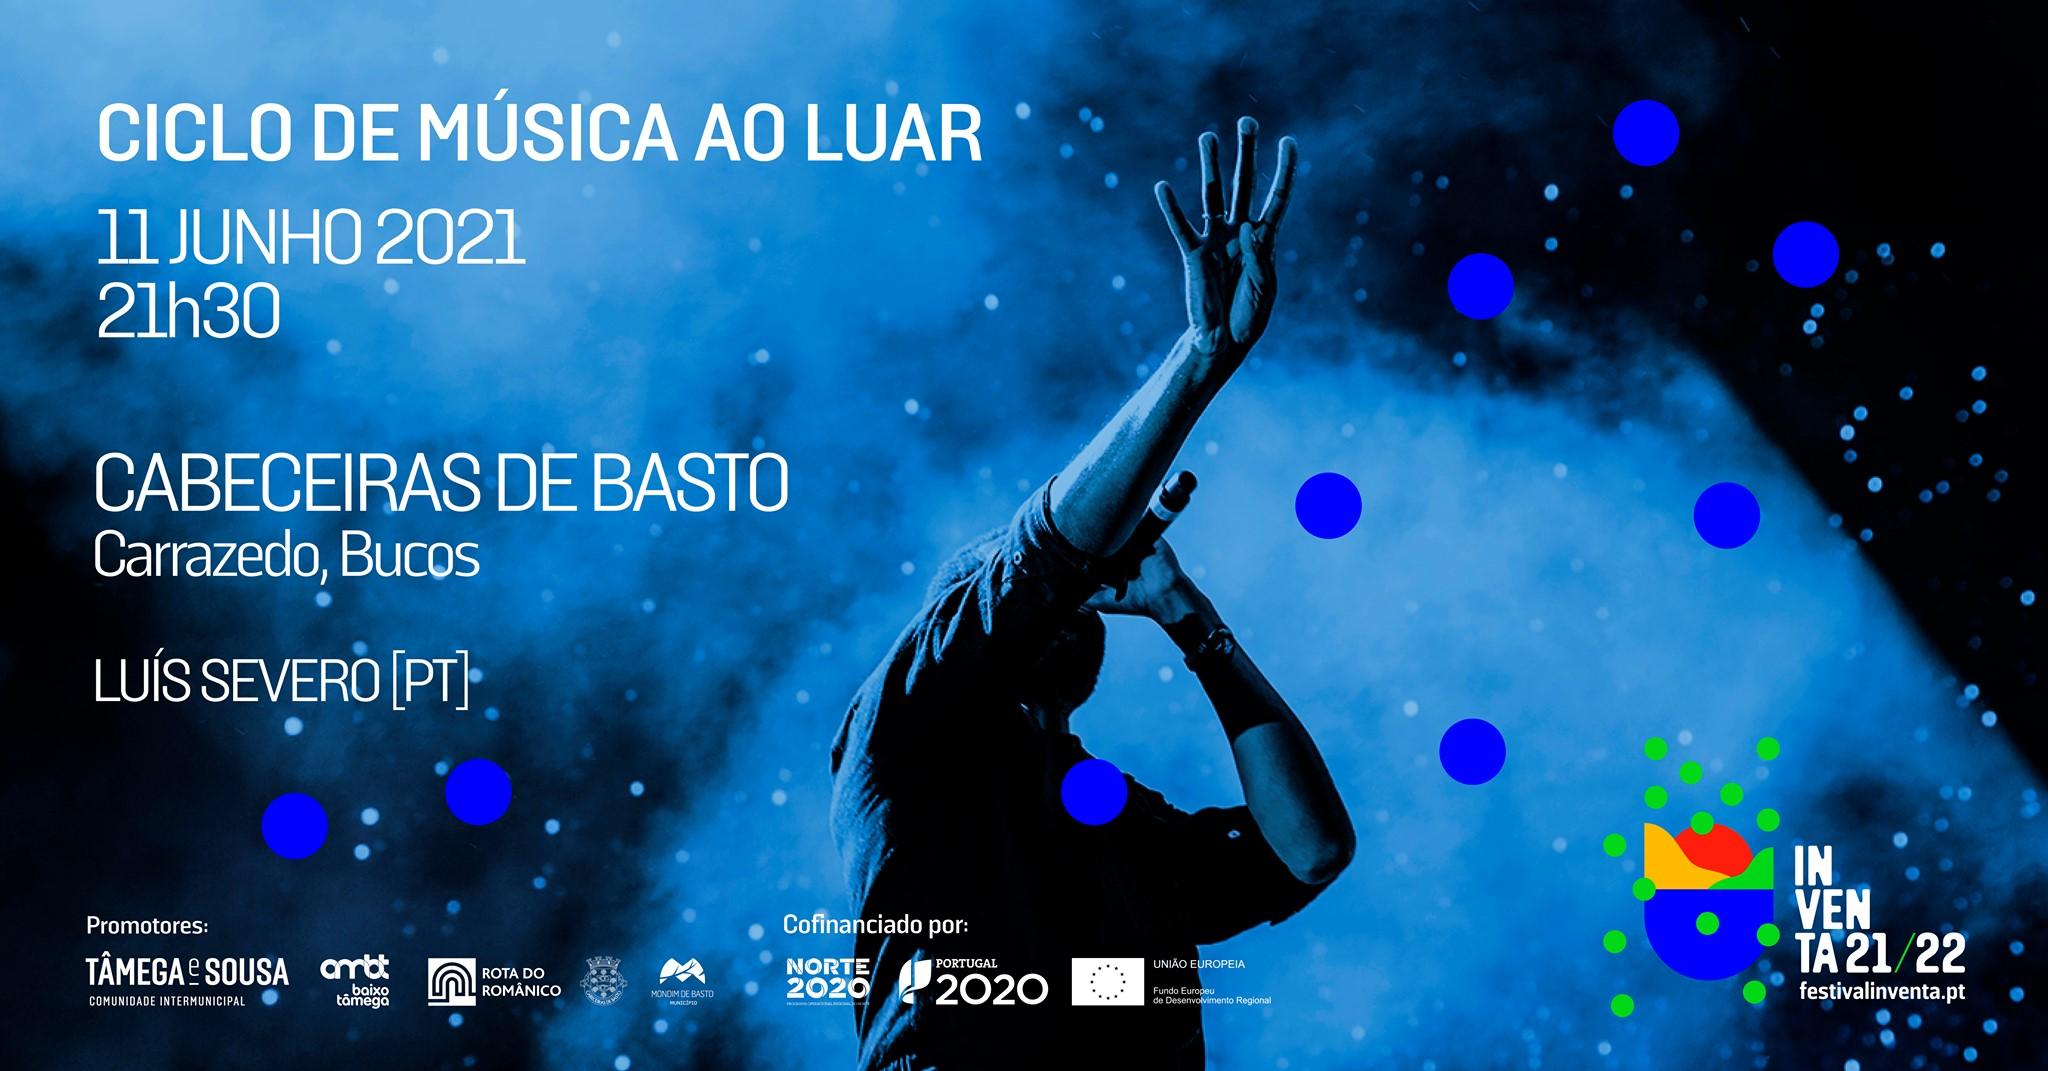 Luís Severo - Ciclo de música ao luar - Cabeceiras de Basto